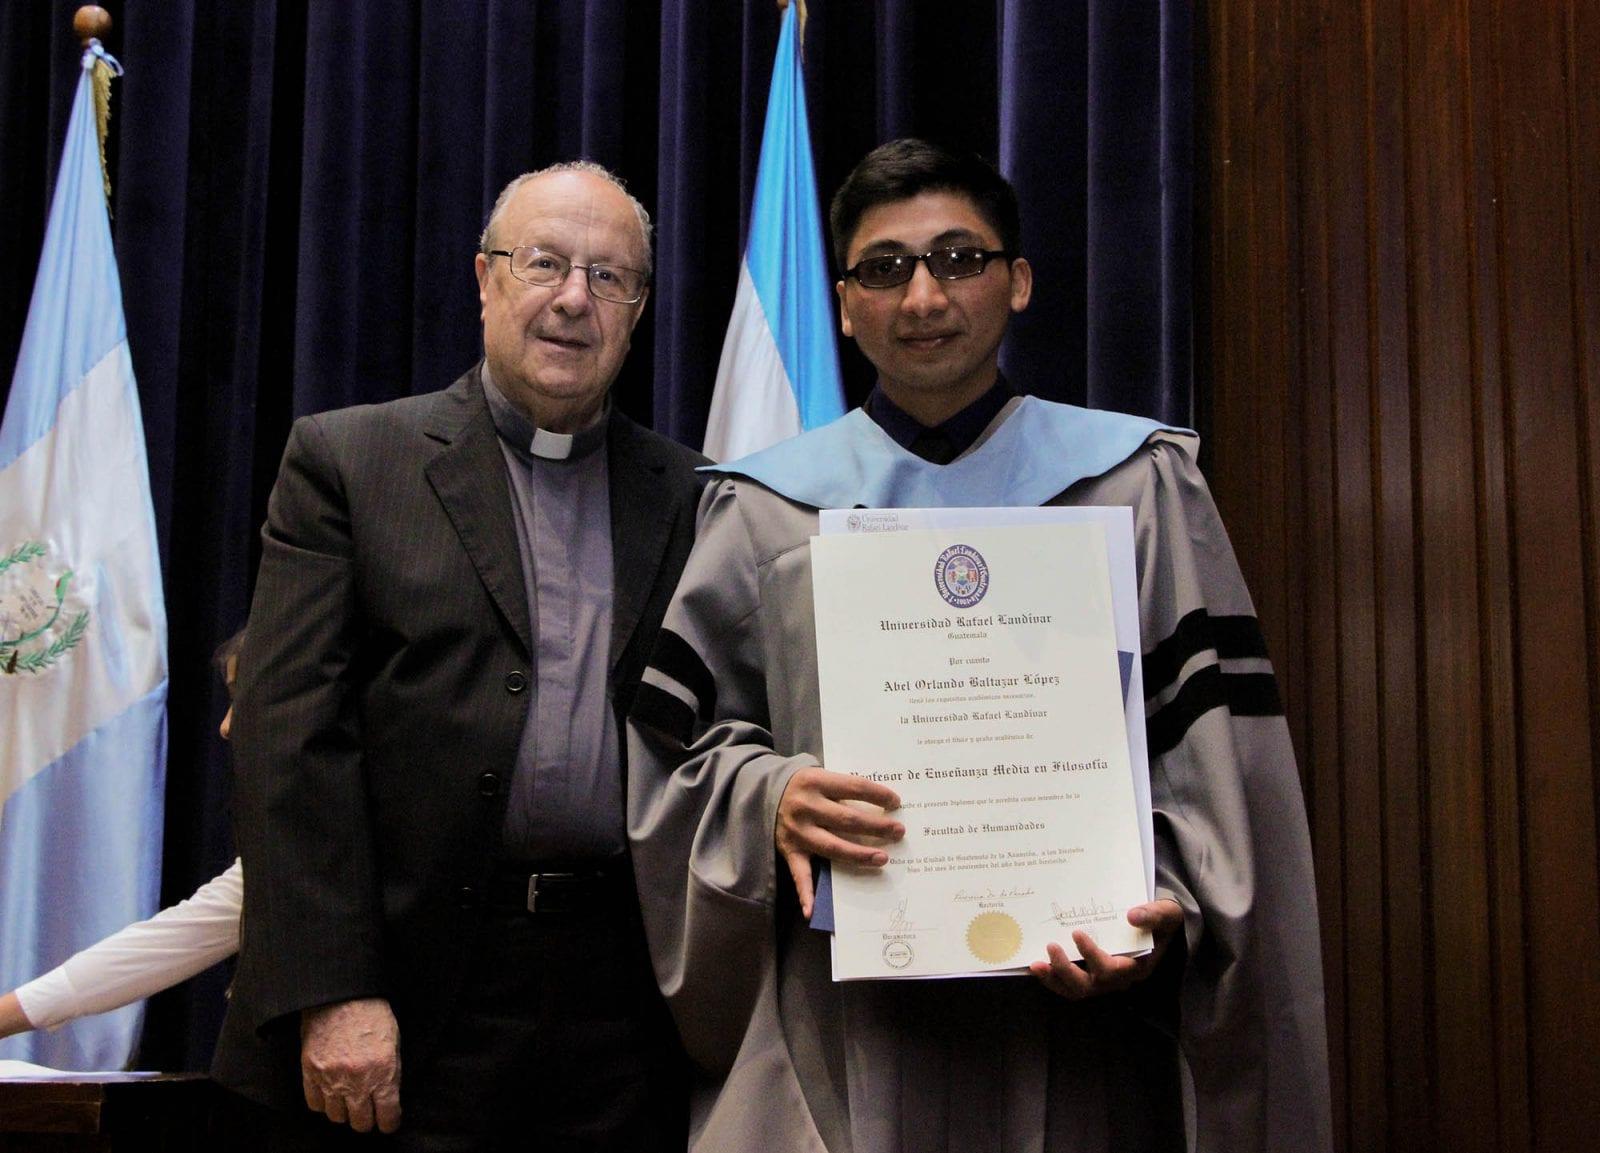 Graduación del Profesorado de Enseñanza Media en Filosofía imagen